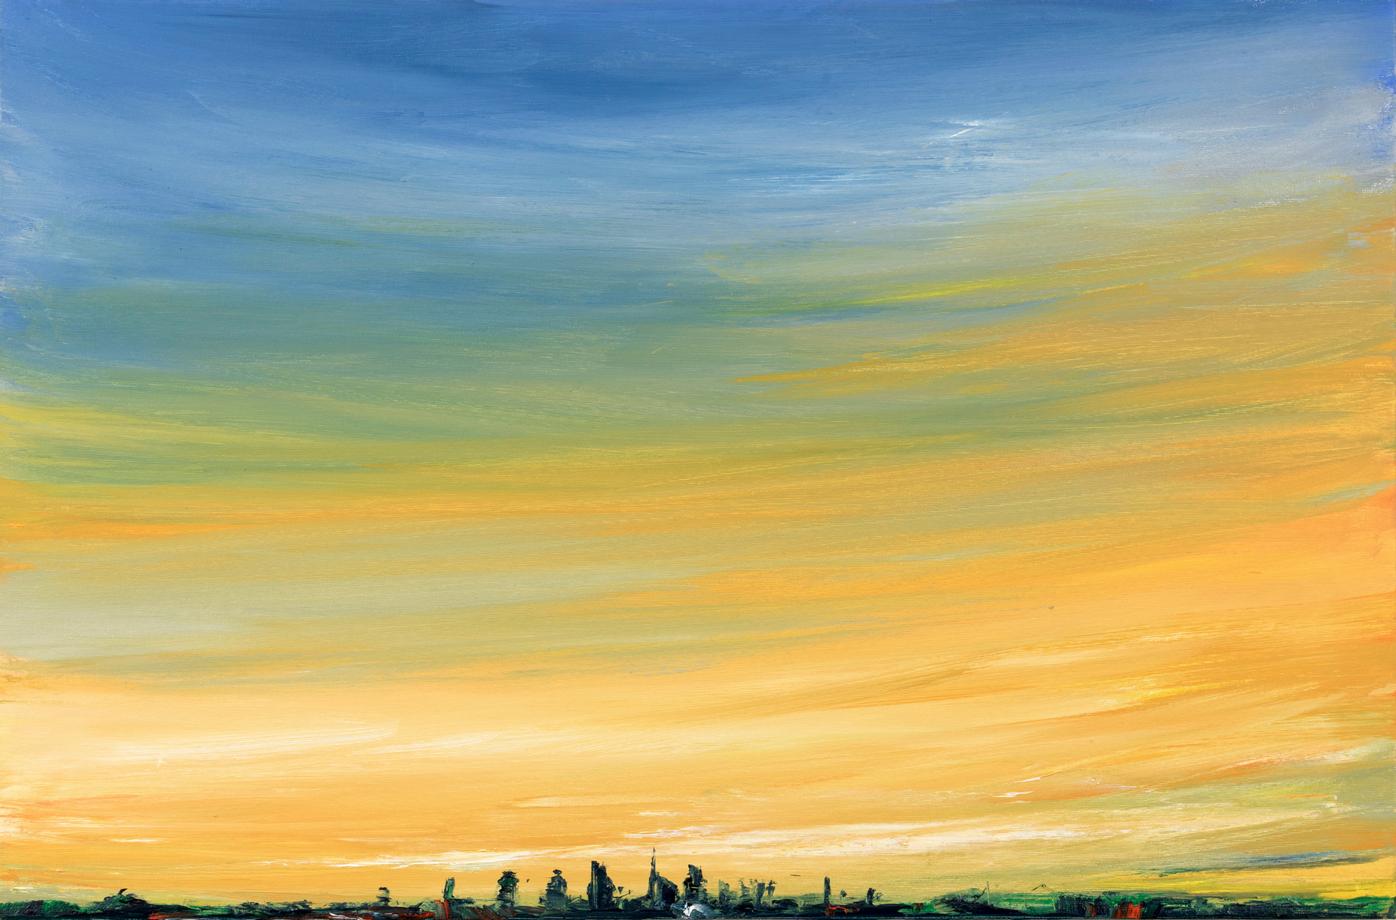 2019 Skyline 60x90cm oil-on-canvas